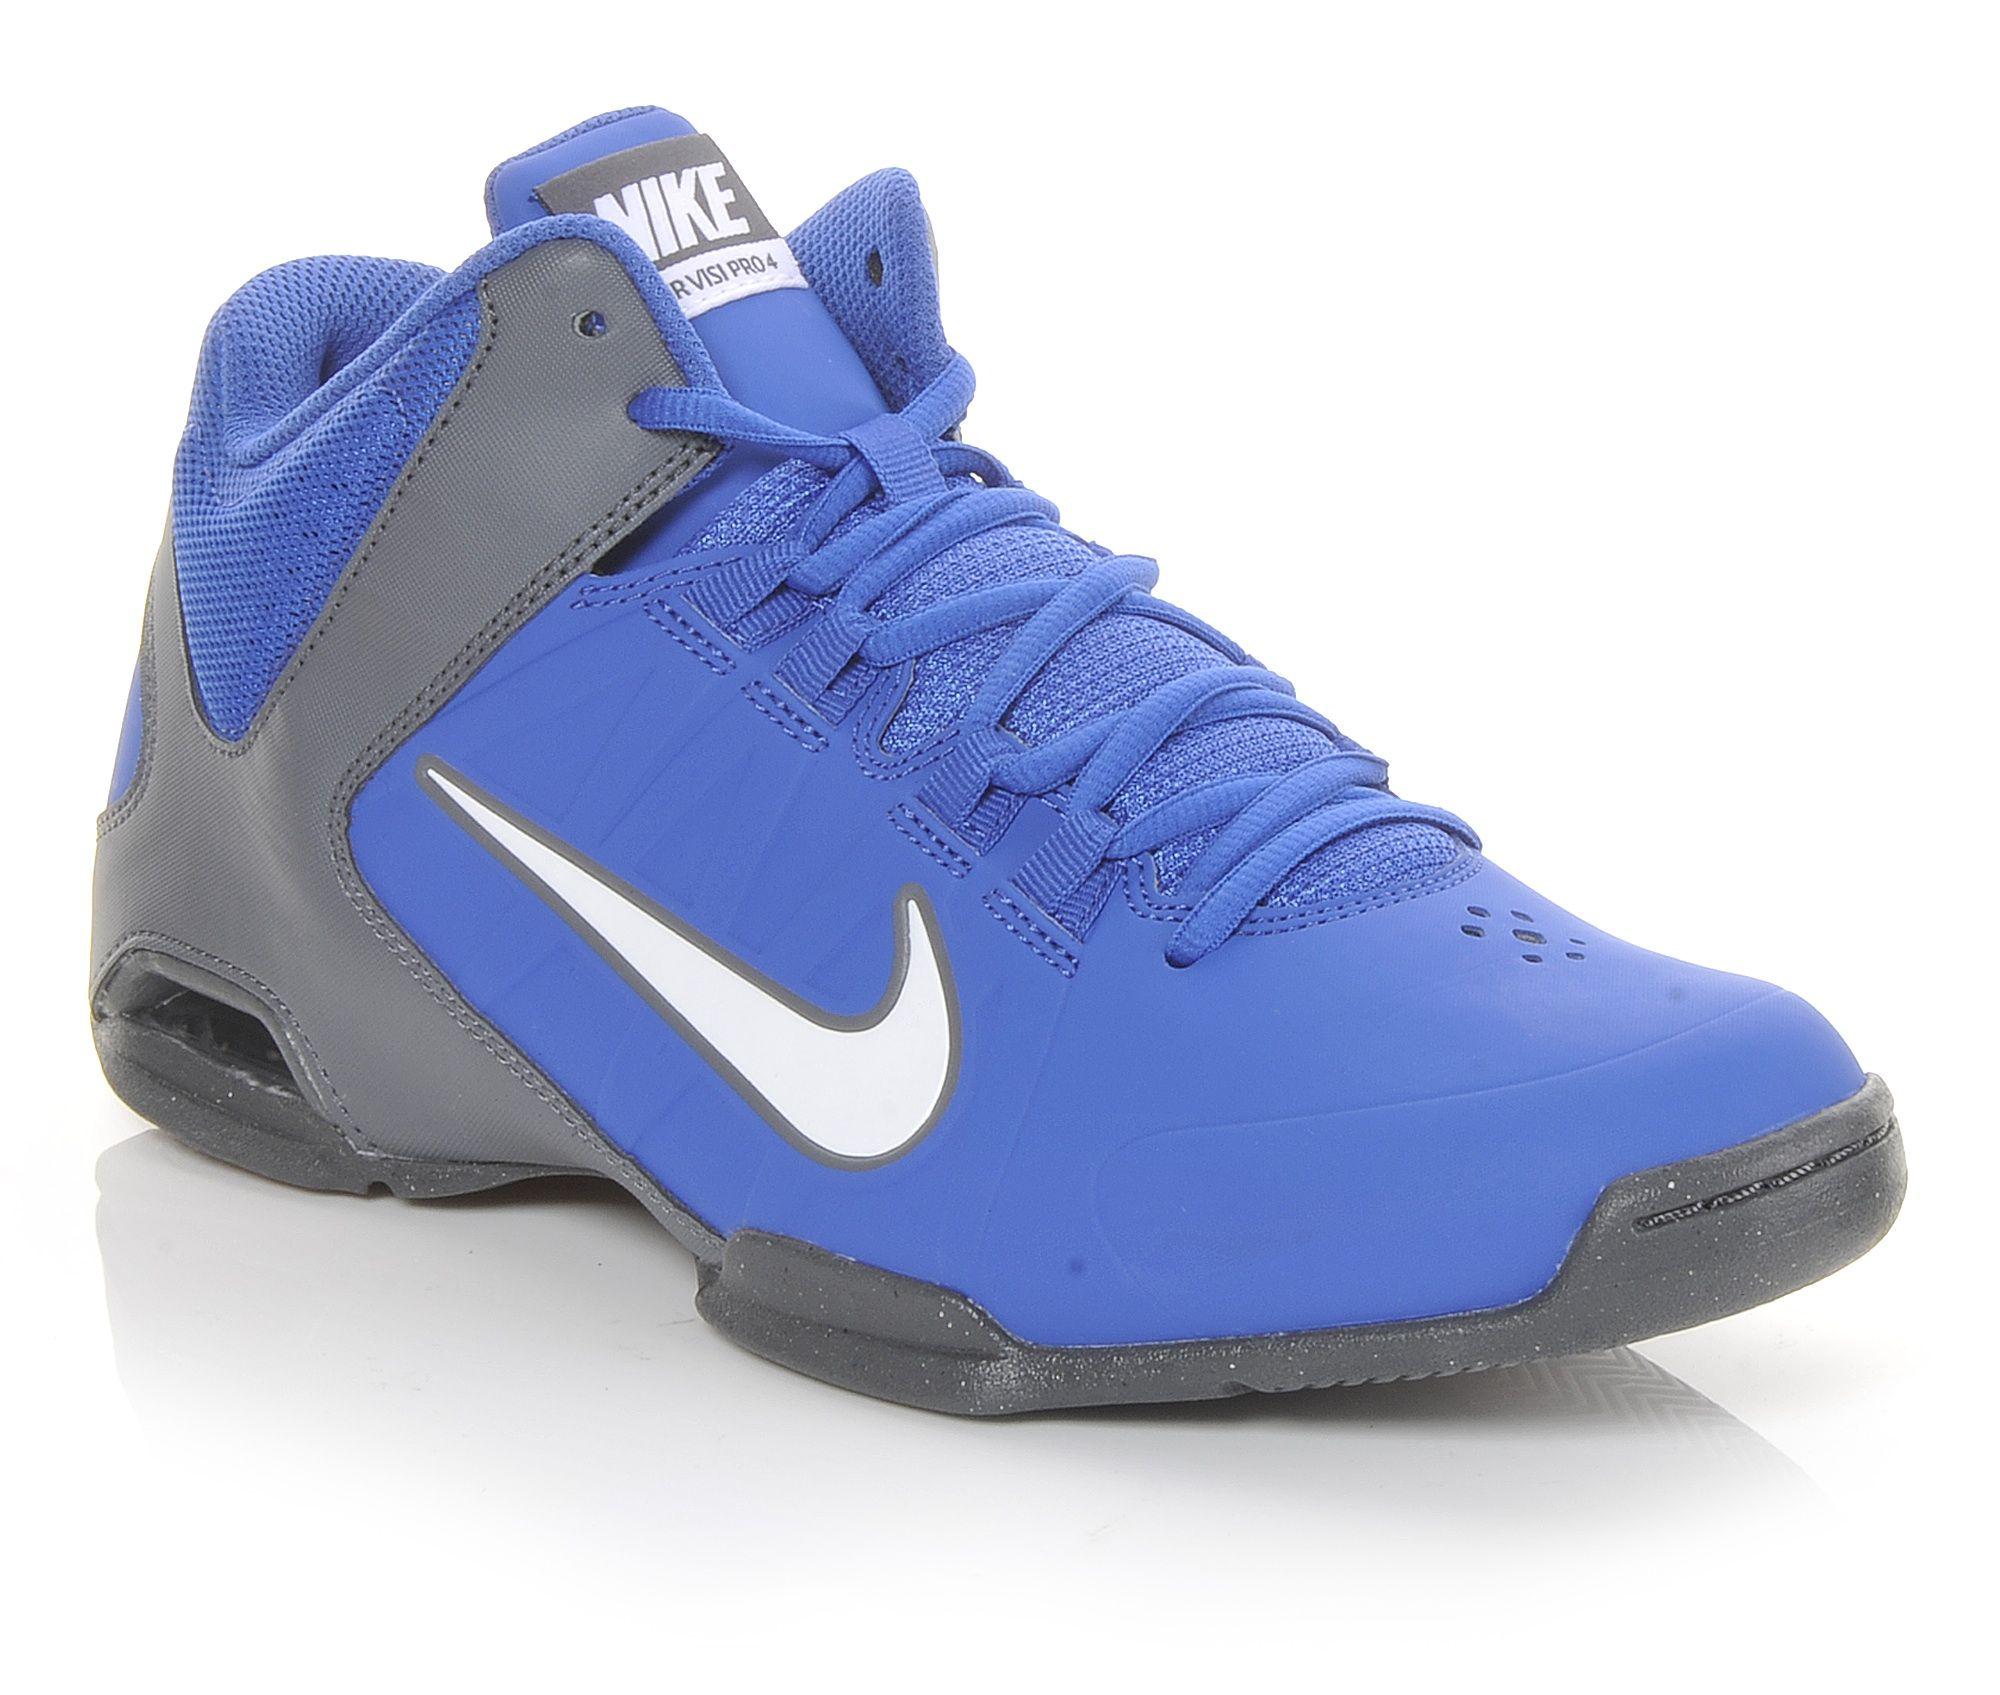 Men's Nike Air Visi Pro IV Roy/Wht/Gry